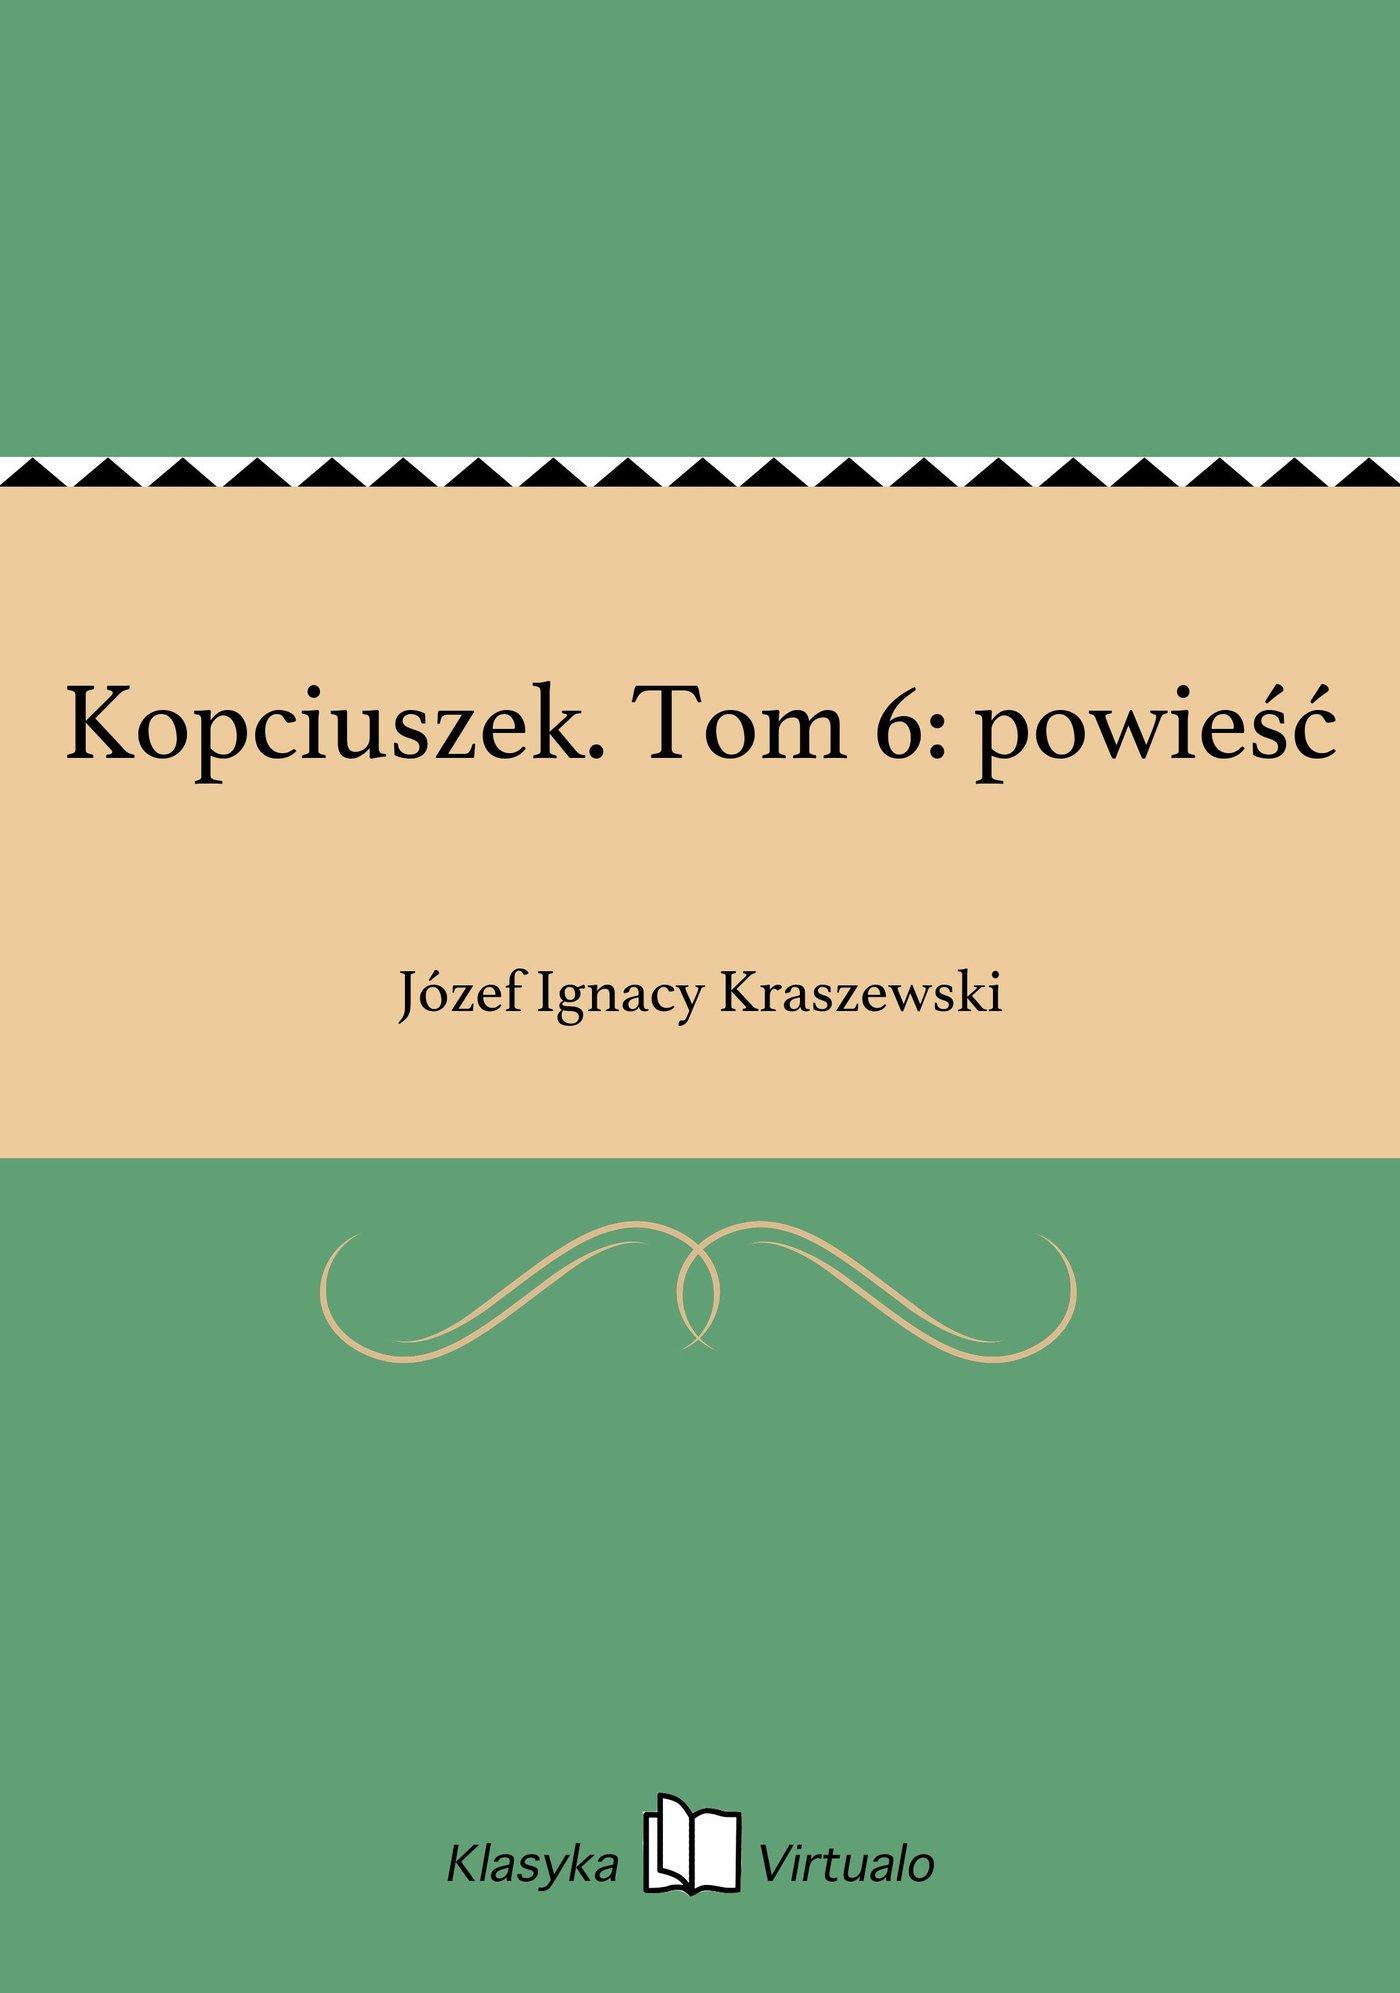 Kopciuszek. Tom 6: powieść - Ebook (Książka na Kindle) do pobrania w formacie MOBI